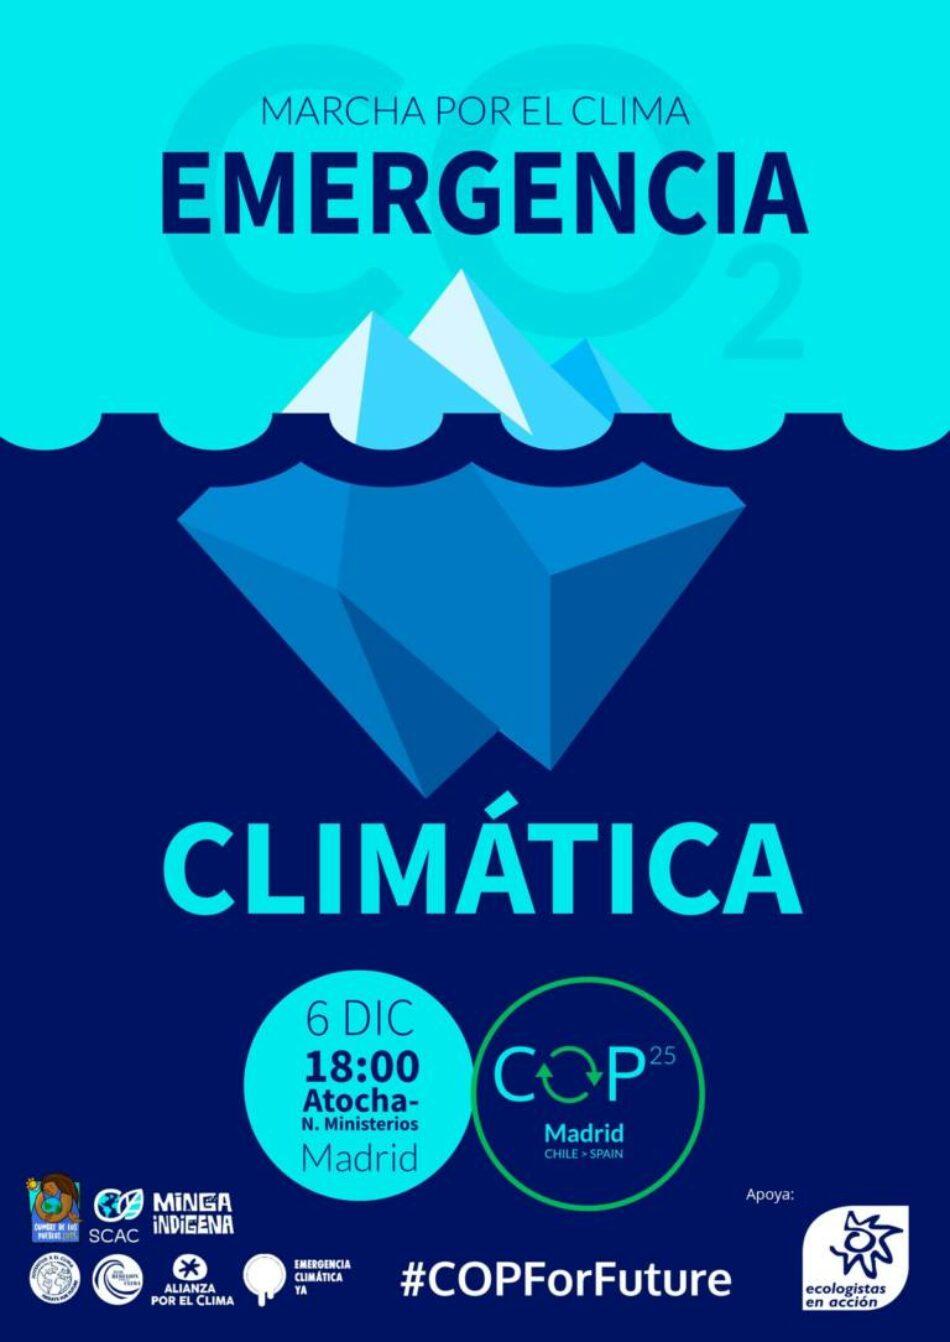 Movilización ecologista sin precedentes frente a la COP25 el 6 de diciembre